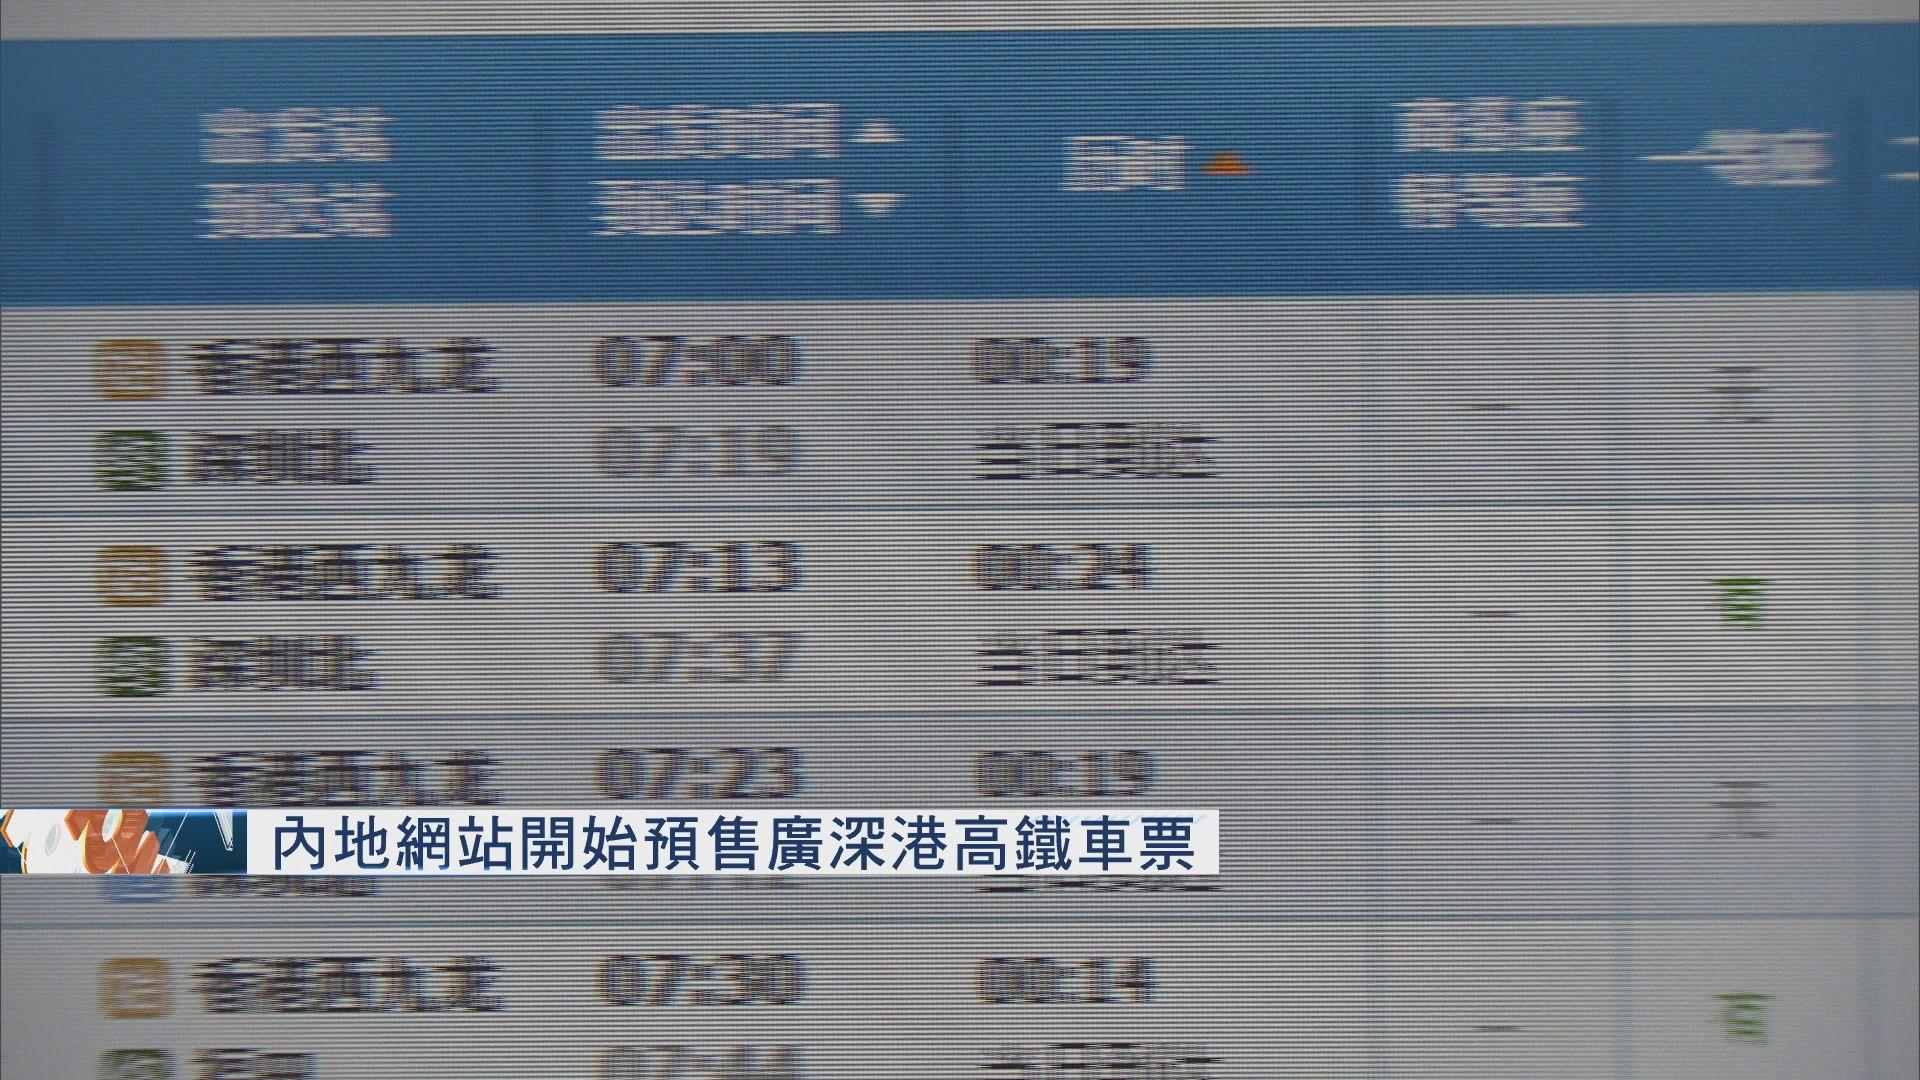 內地網站開始預售廣深港高鐵車票